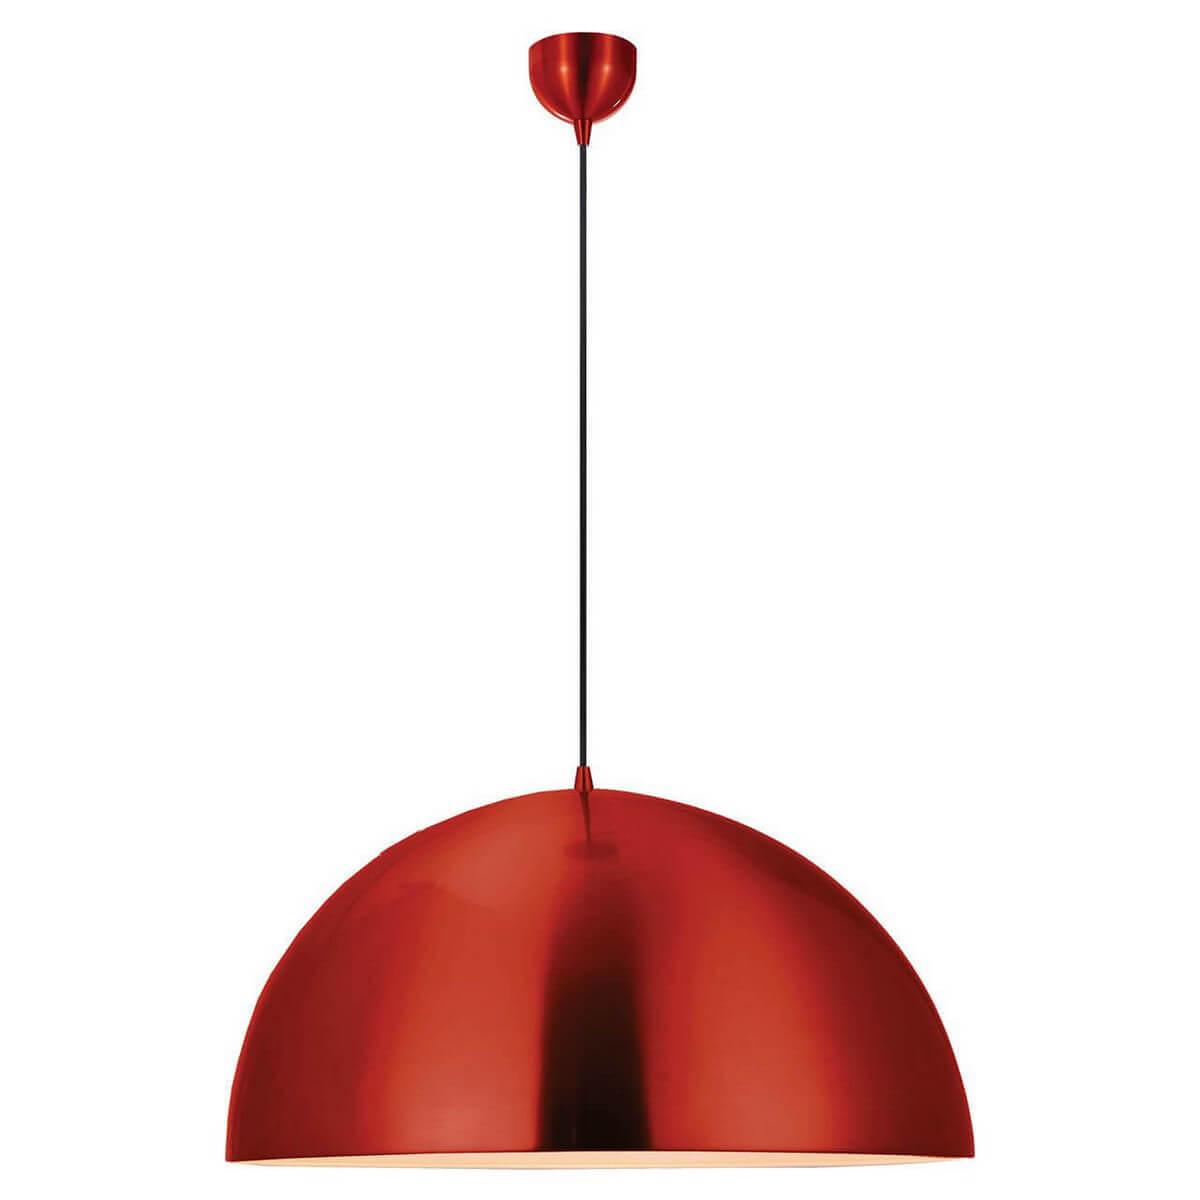 Подвесной светильник Lussole Loft LSP-9654 подвесной светильник lussole grlsp 9654 красный